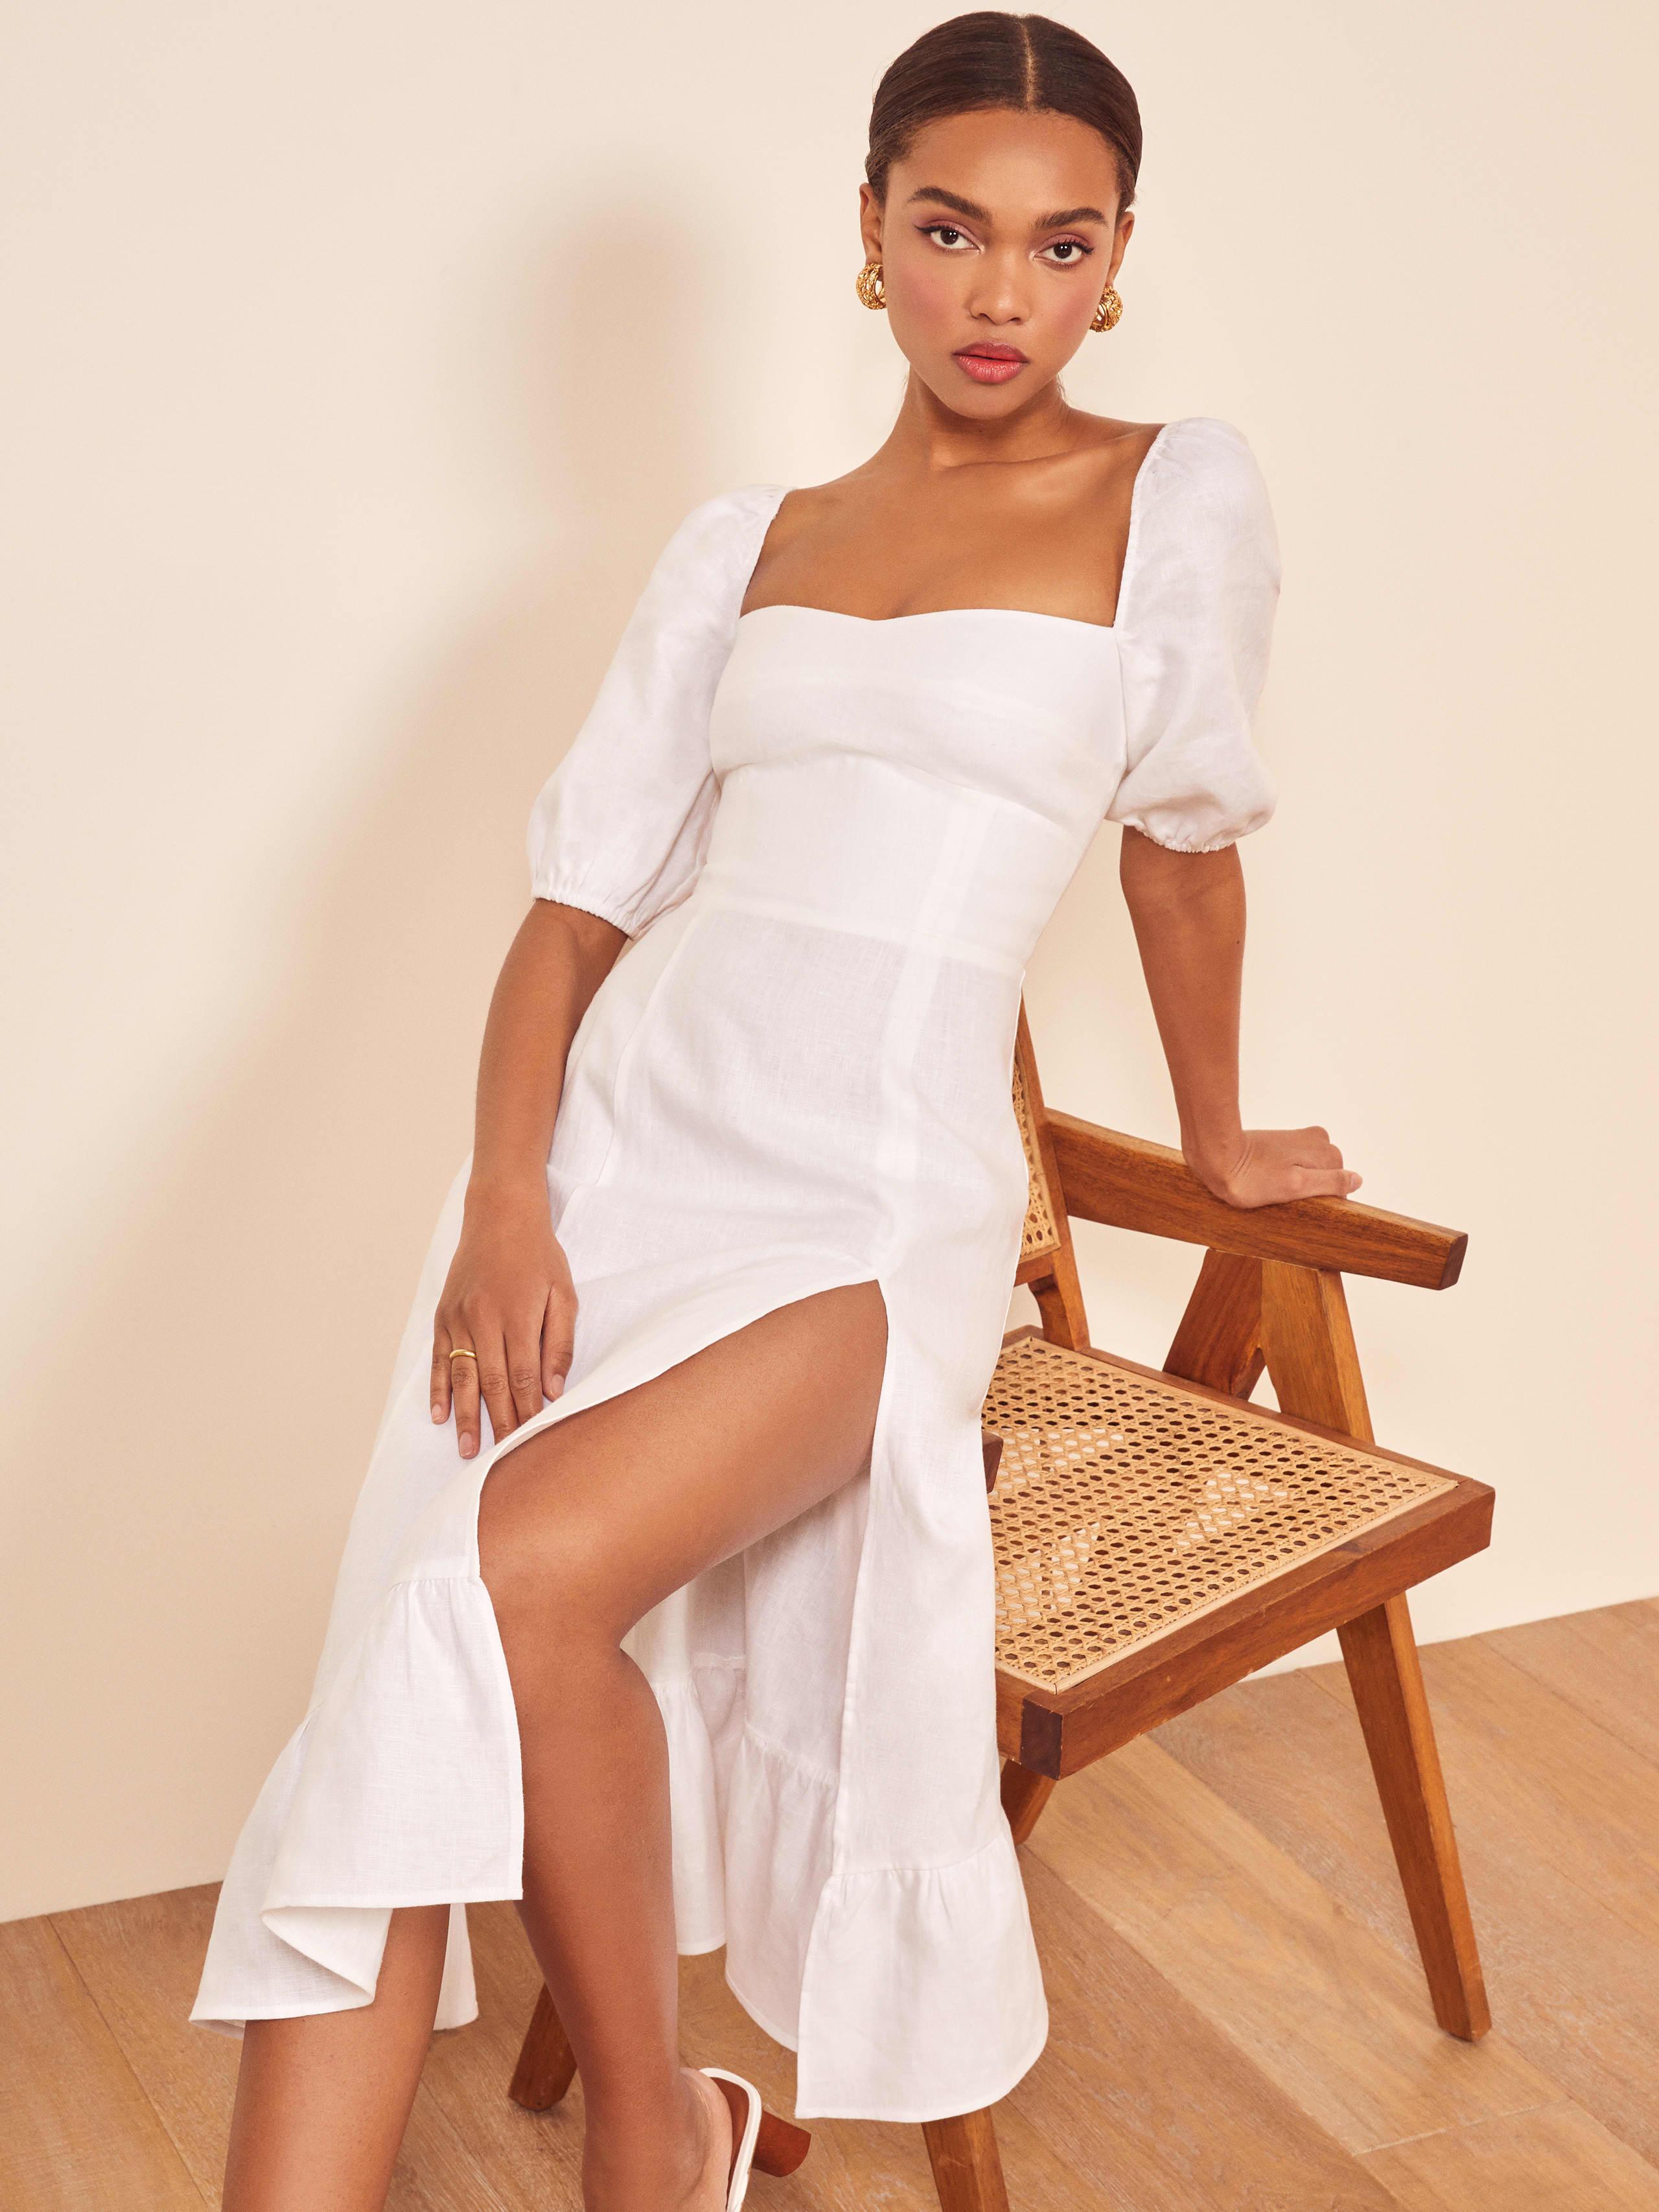 f7d65603145 Shop Reformation - Dresses - Shop Reformation Dresses - Reformation